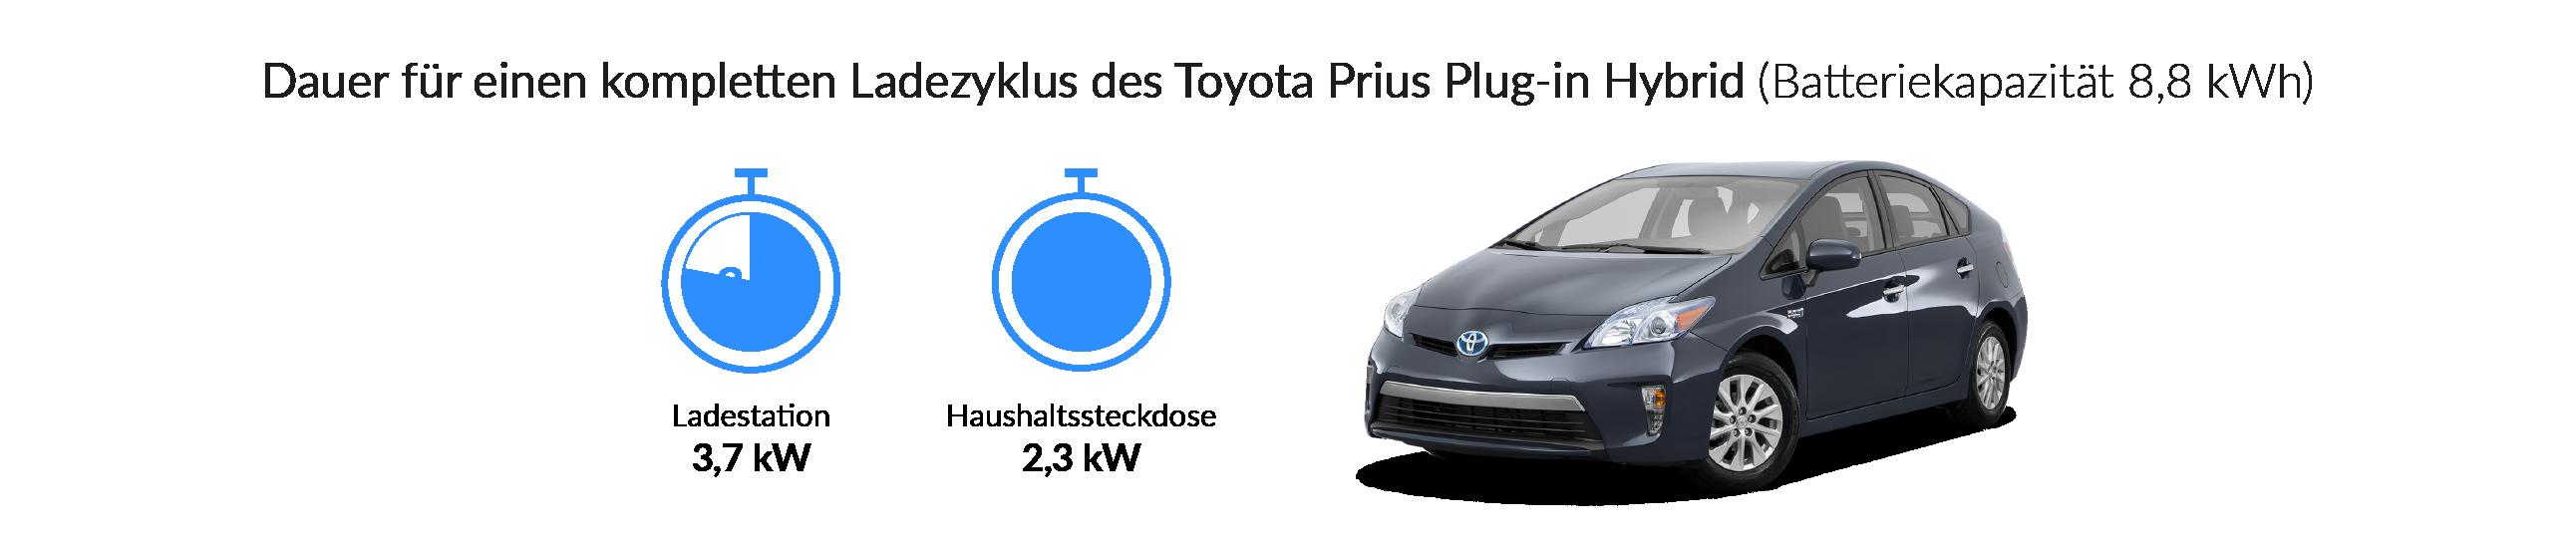 Ladezeiten des Toyota Prius Plug-In Hybrid (Typ 2)